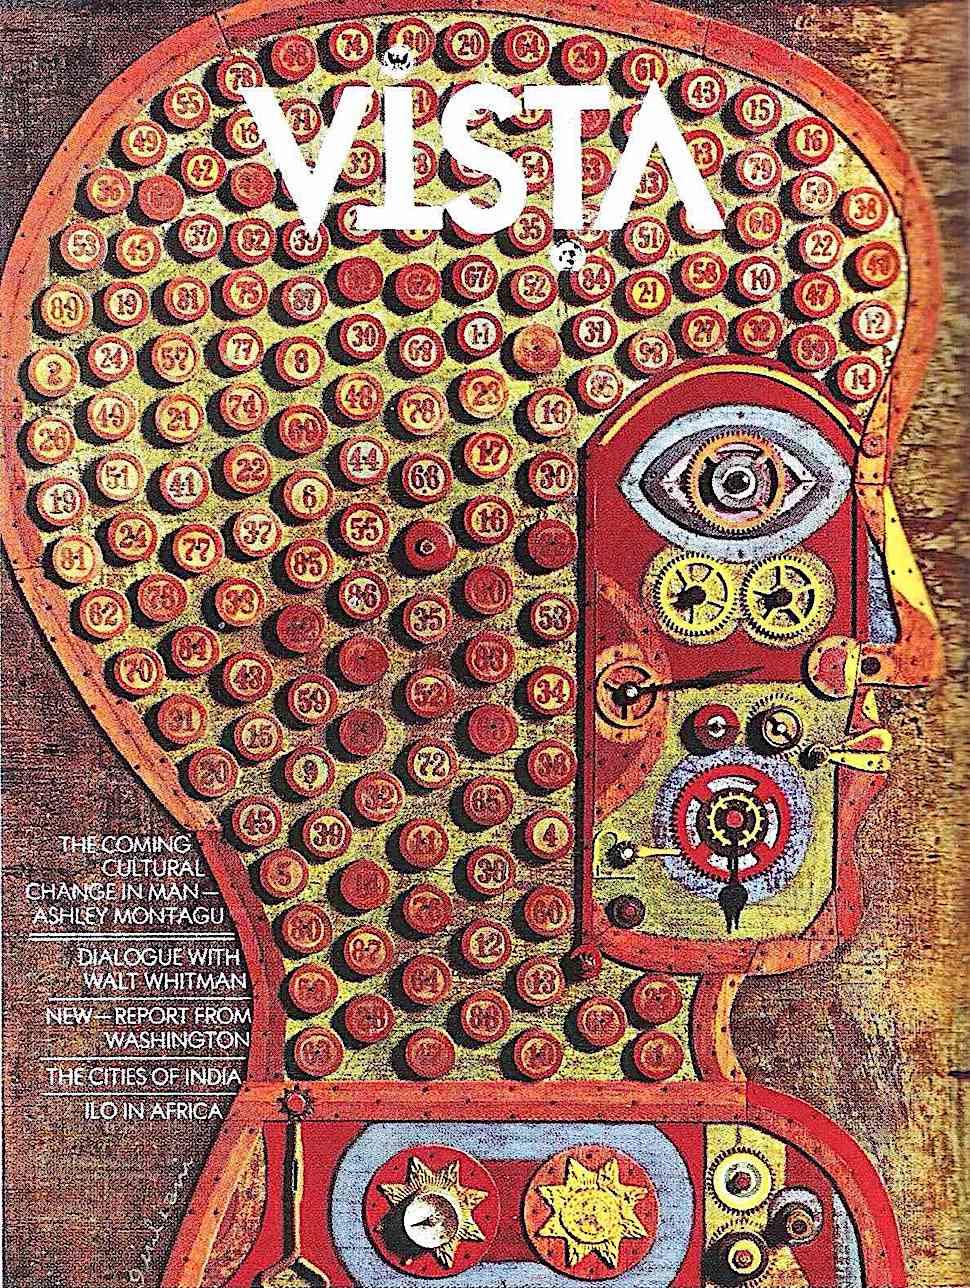 a 1960s Vin Guliani illustration of a human head in profile for Vista magazine